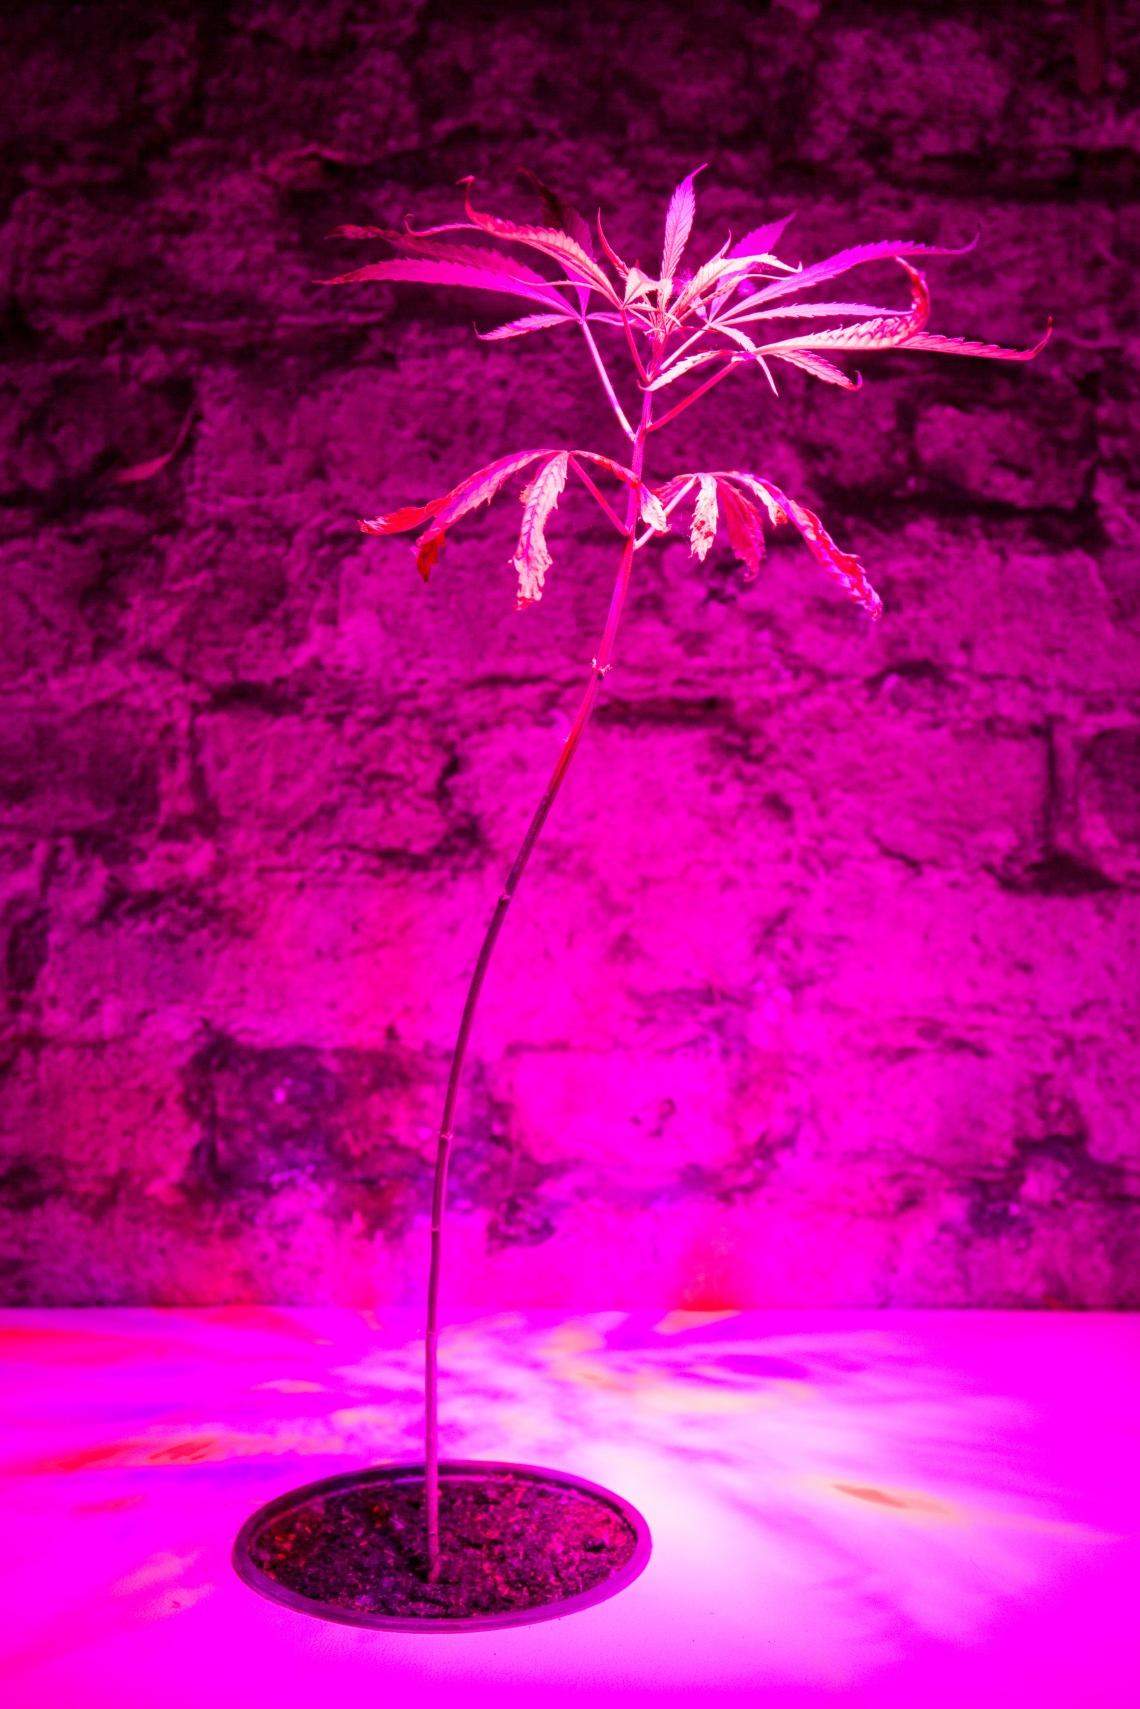 rosa pflanze